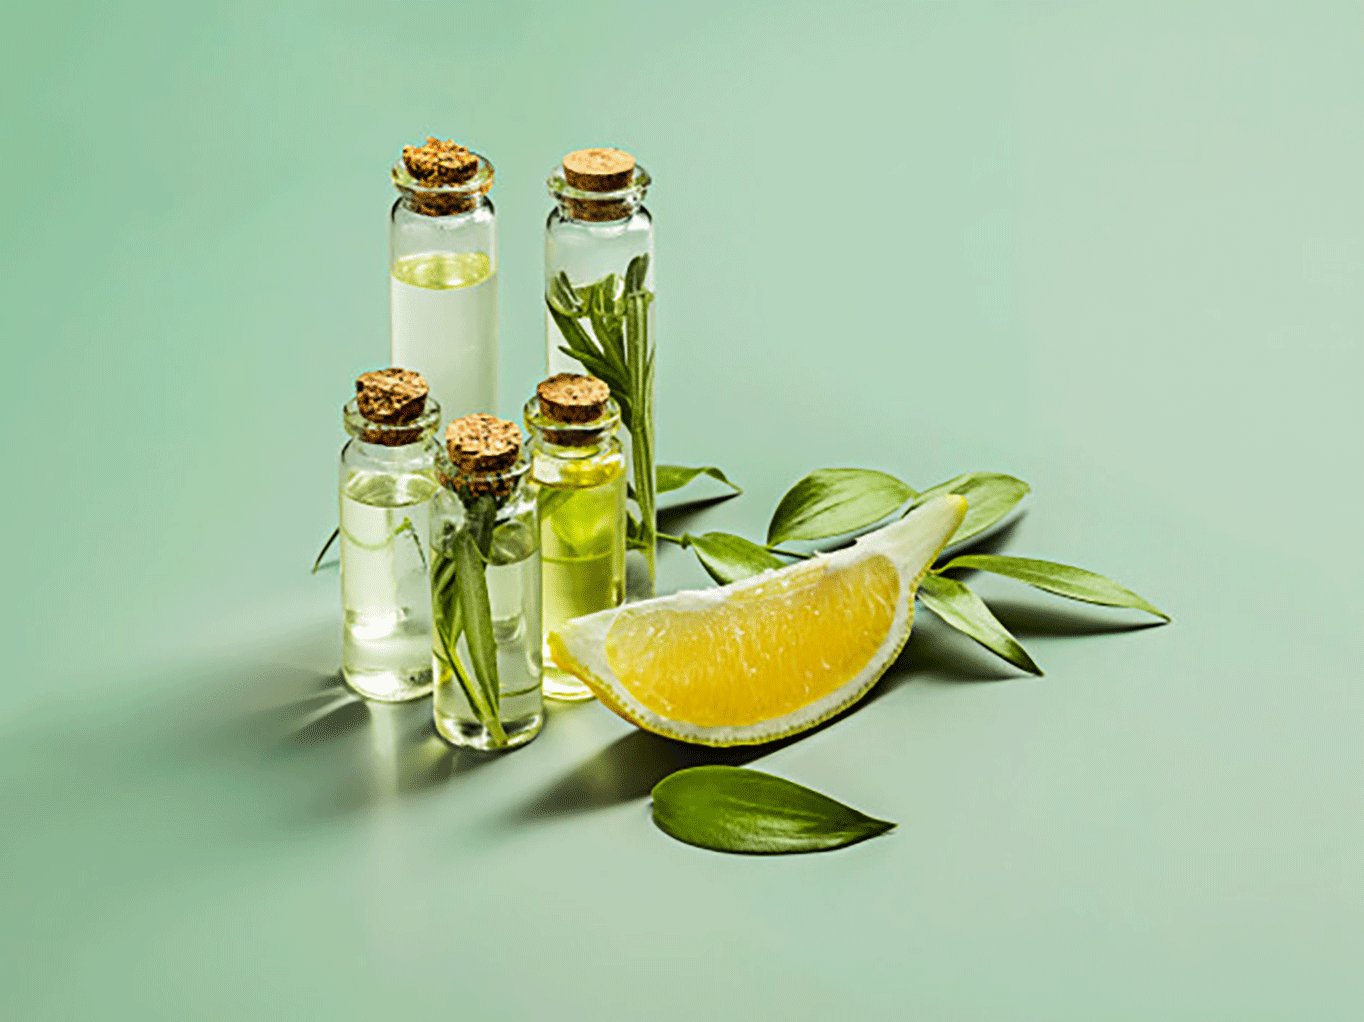 huile-olive-branche-olivier-table-bois_155003-5274